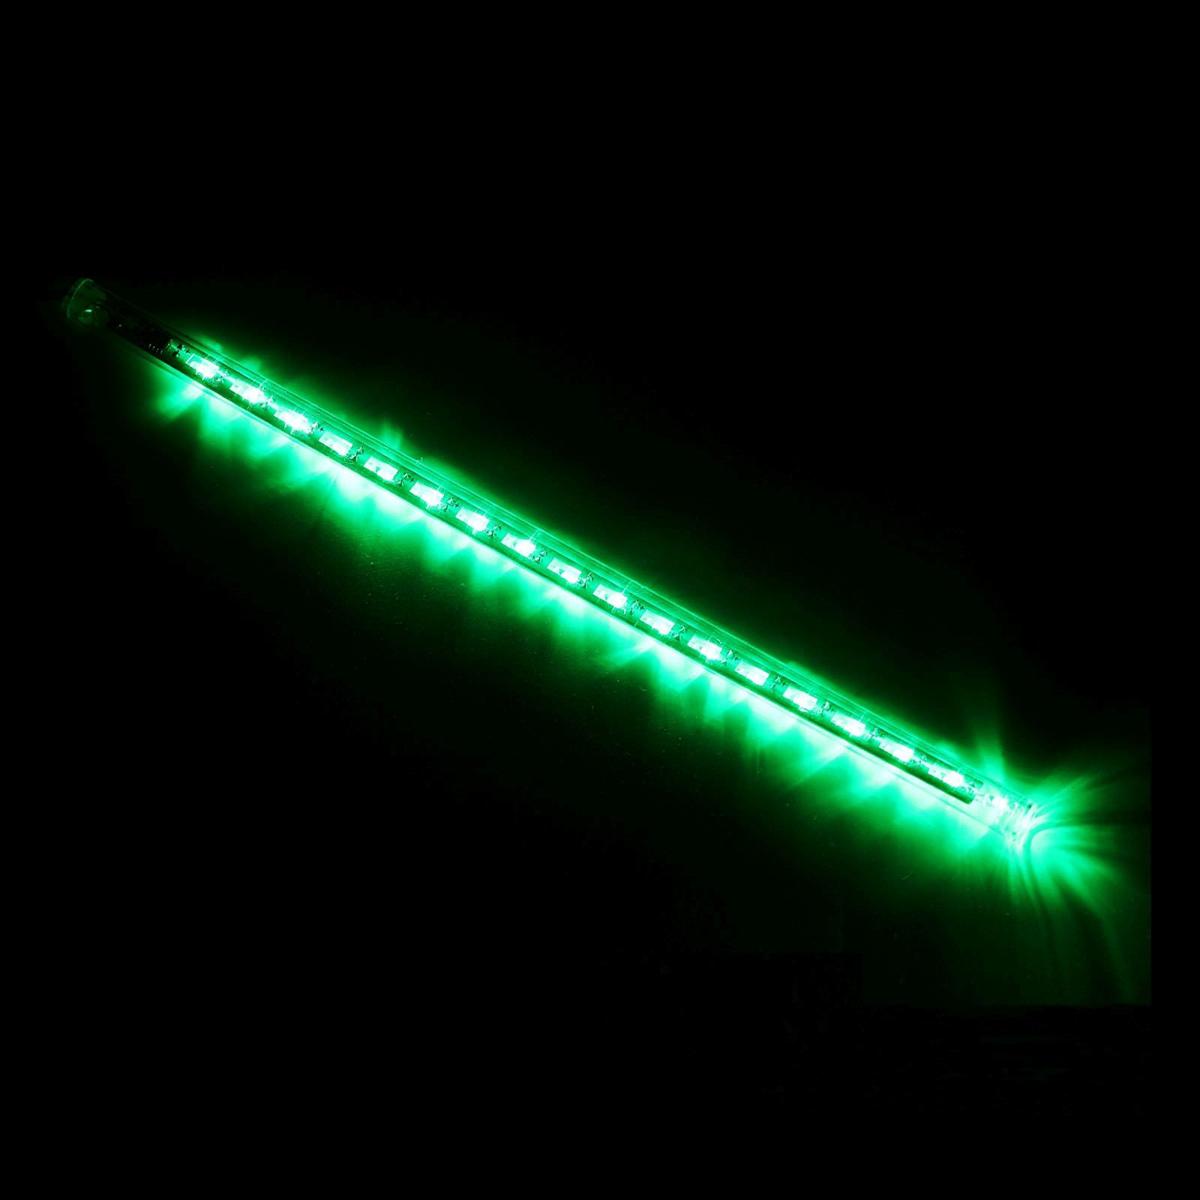 Светодиодная сосулька Luazon Тающая, длина 0,3 м, диаметр 2 см, LED 18 ламп, 220V, цвет: зеленый678895Светодиодные гирлянды, ленты и т.д — это отличный вариант для новогоднего оформления интерьера или фасада. С их помощью помещение любого размера можно превратить в праздничный зал, а внешние элементы зданий, украшенные ими, мгновенно станут напоминать очертания сказочного дворца. Такие украшения создают ауру предвкушения чуда. Деревья, фасады, витрины, окна и арки будто специально созданы, чтобы вы украсили их светящимися нитями.